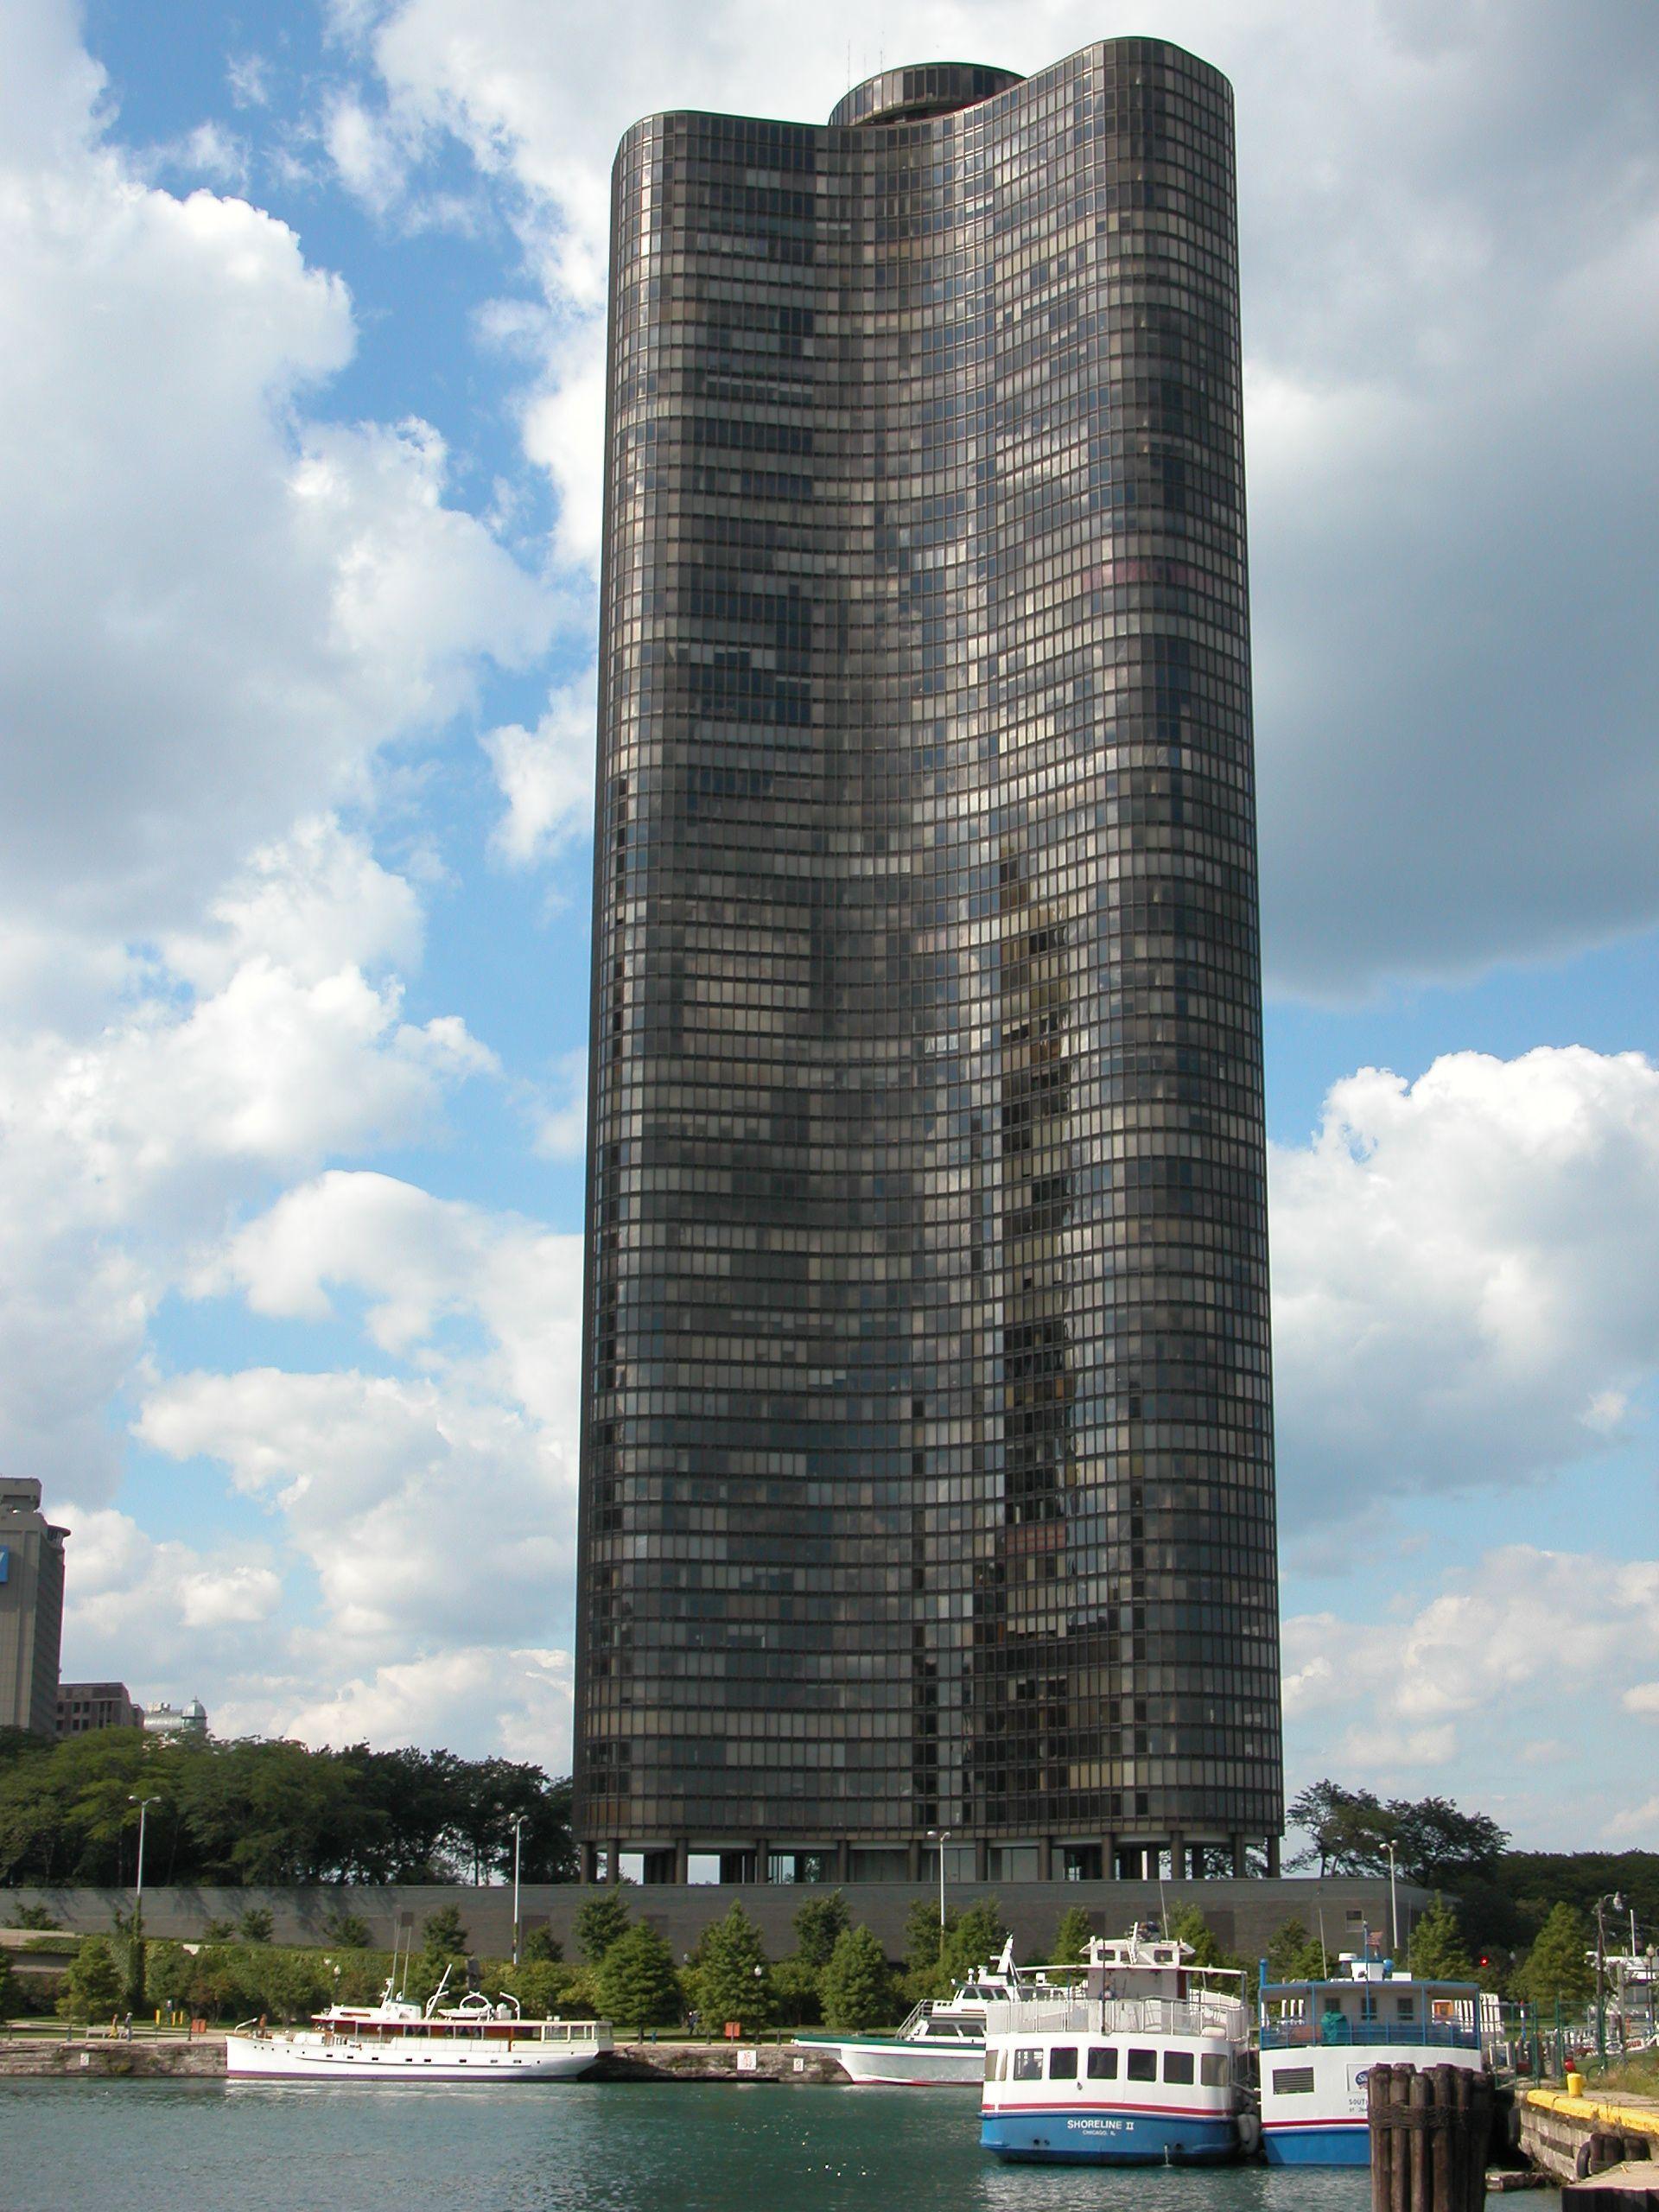 skyscraper architecture design in chicago | architecture